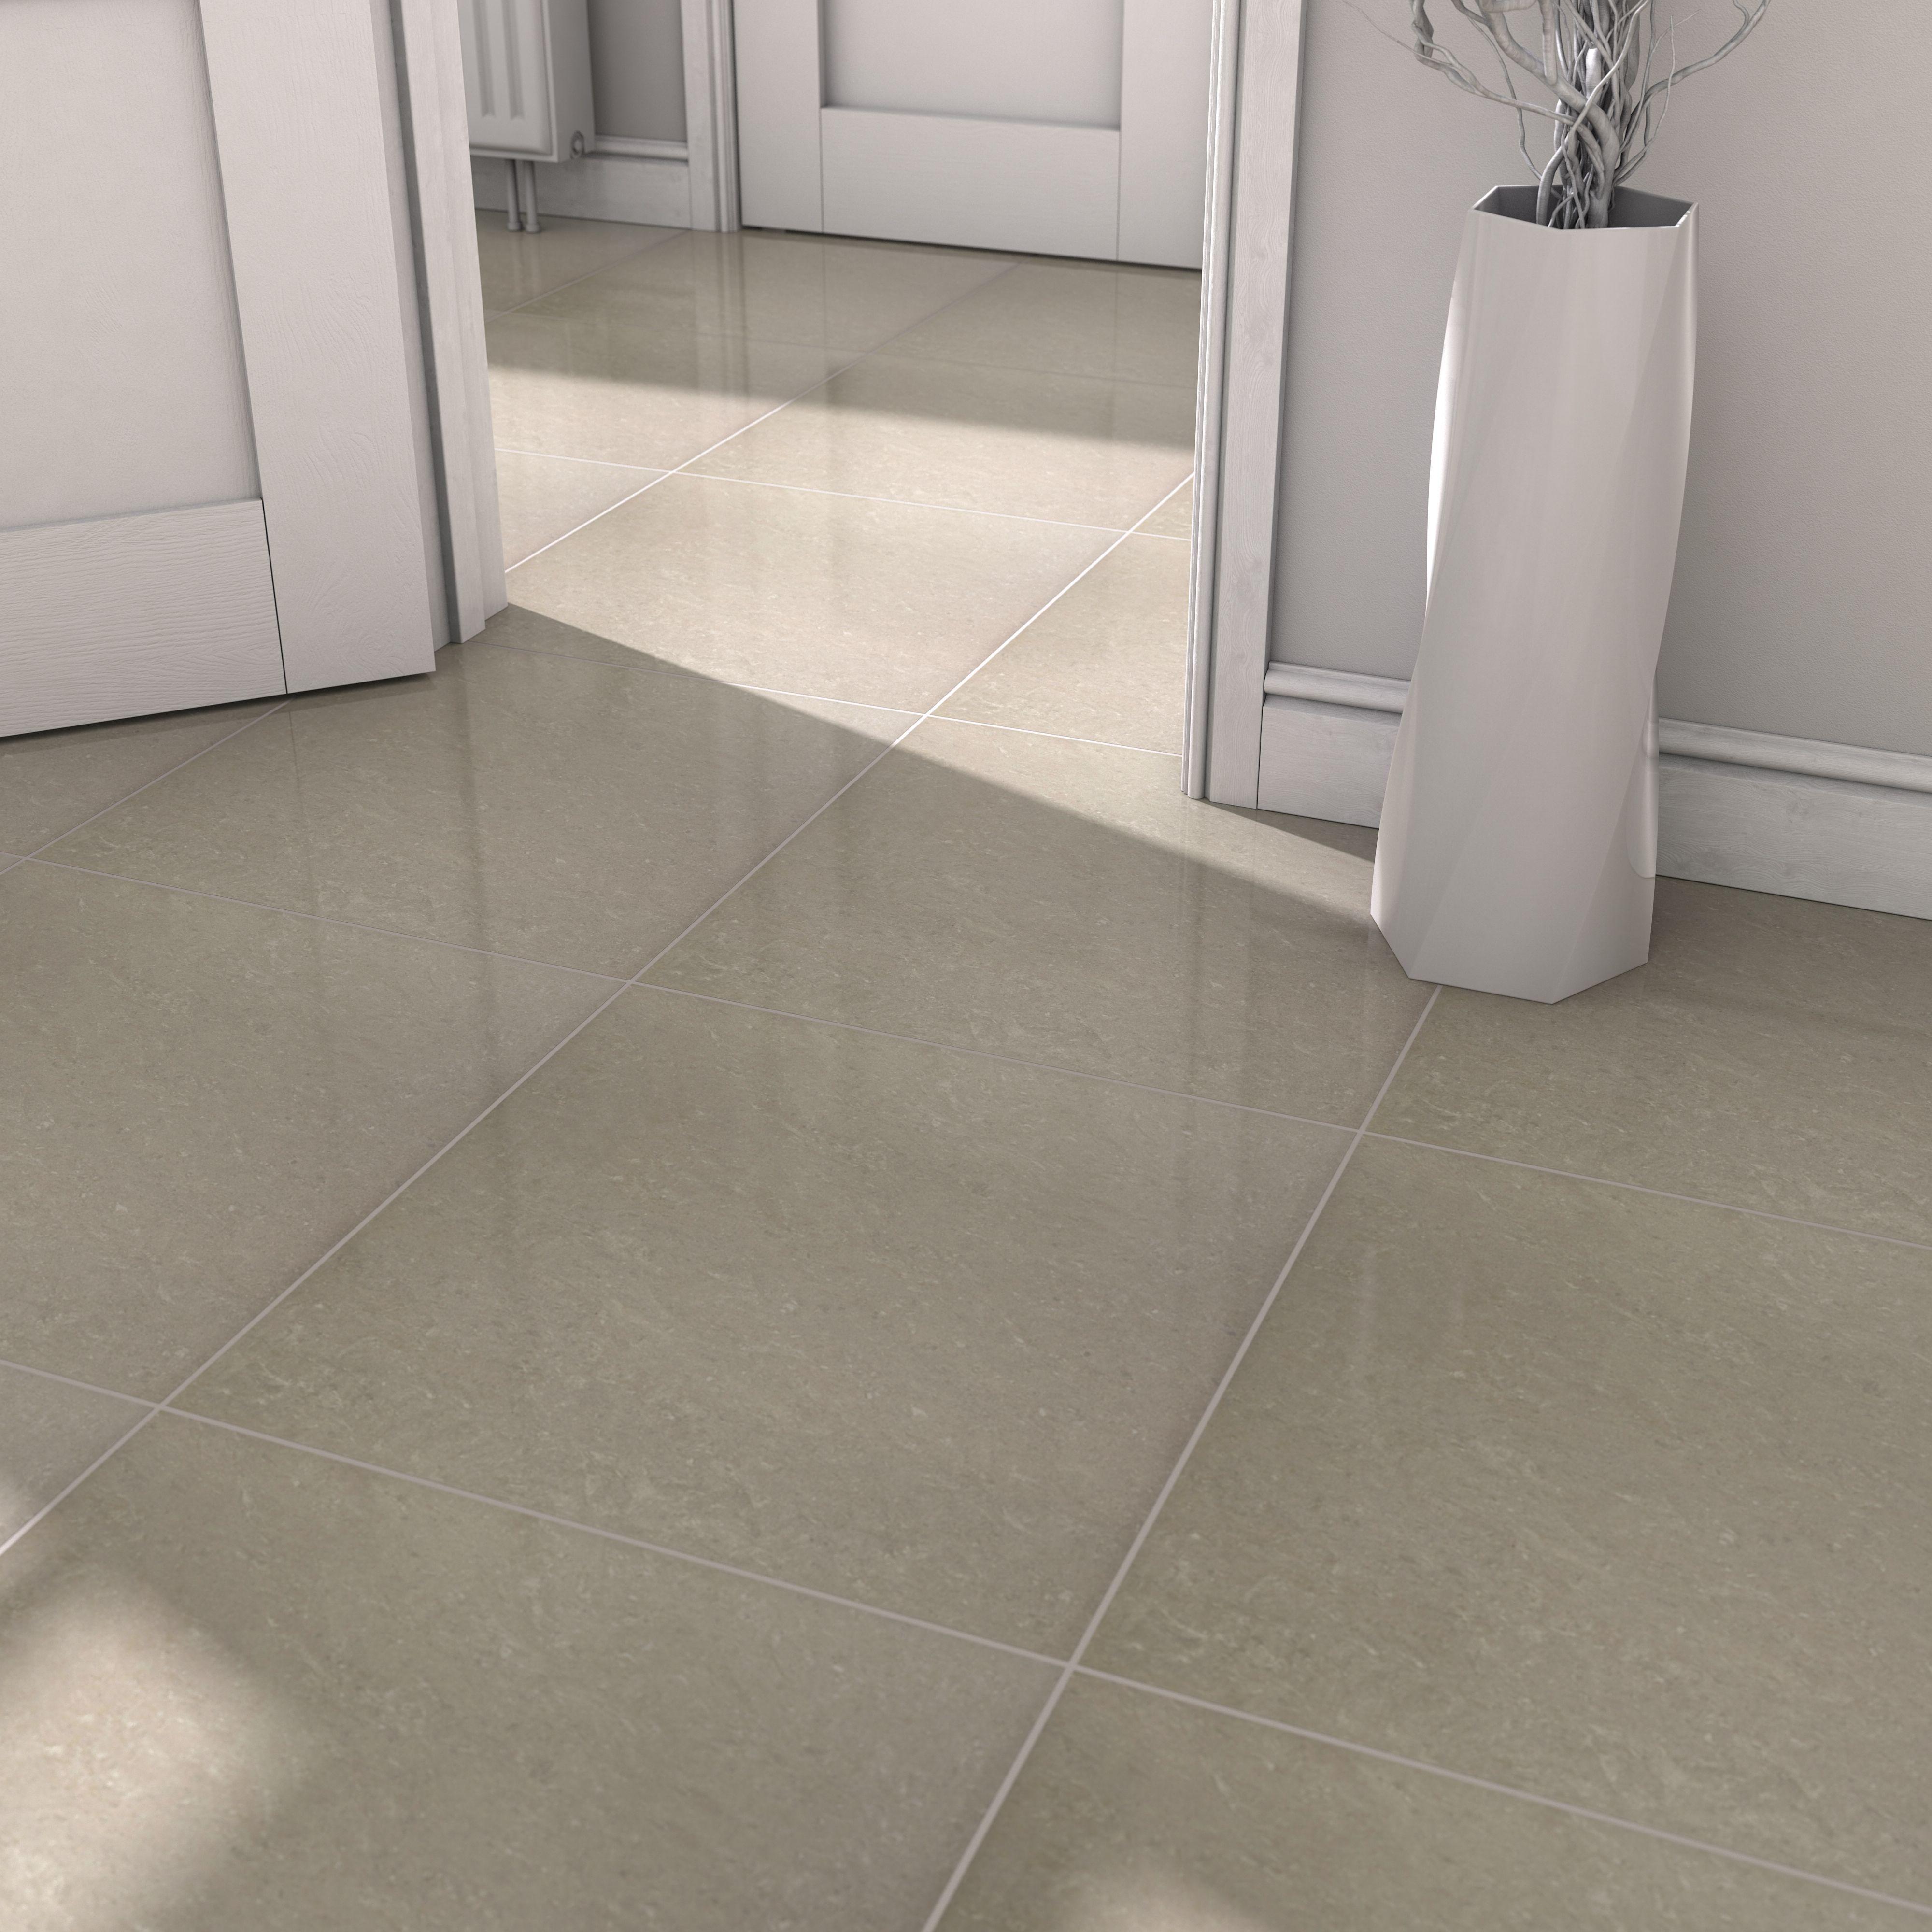 Floor Tiles Part 72